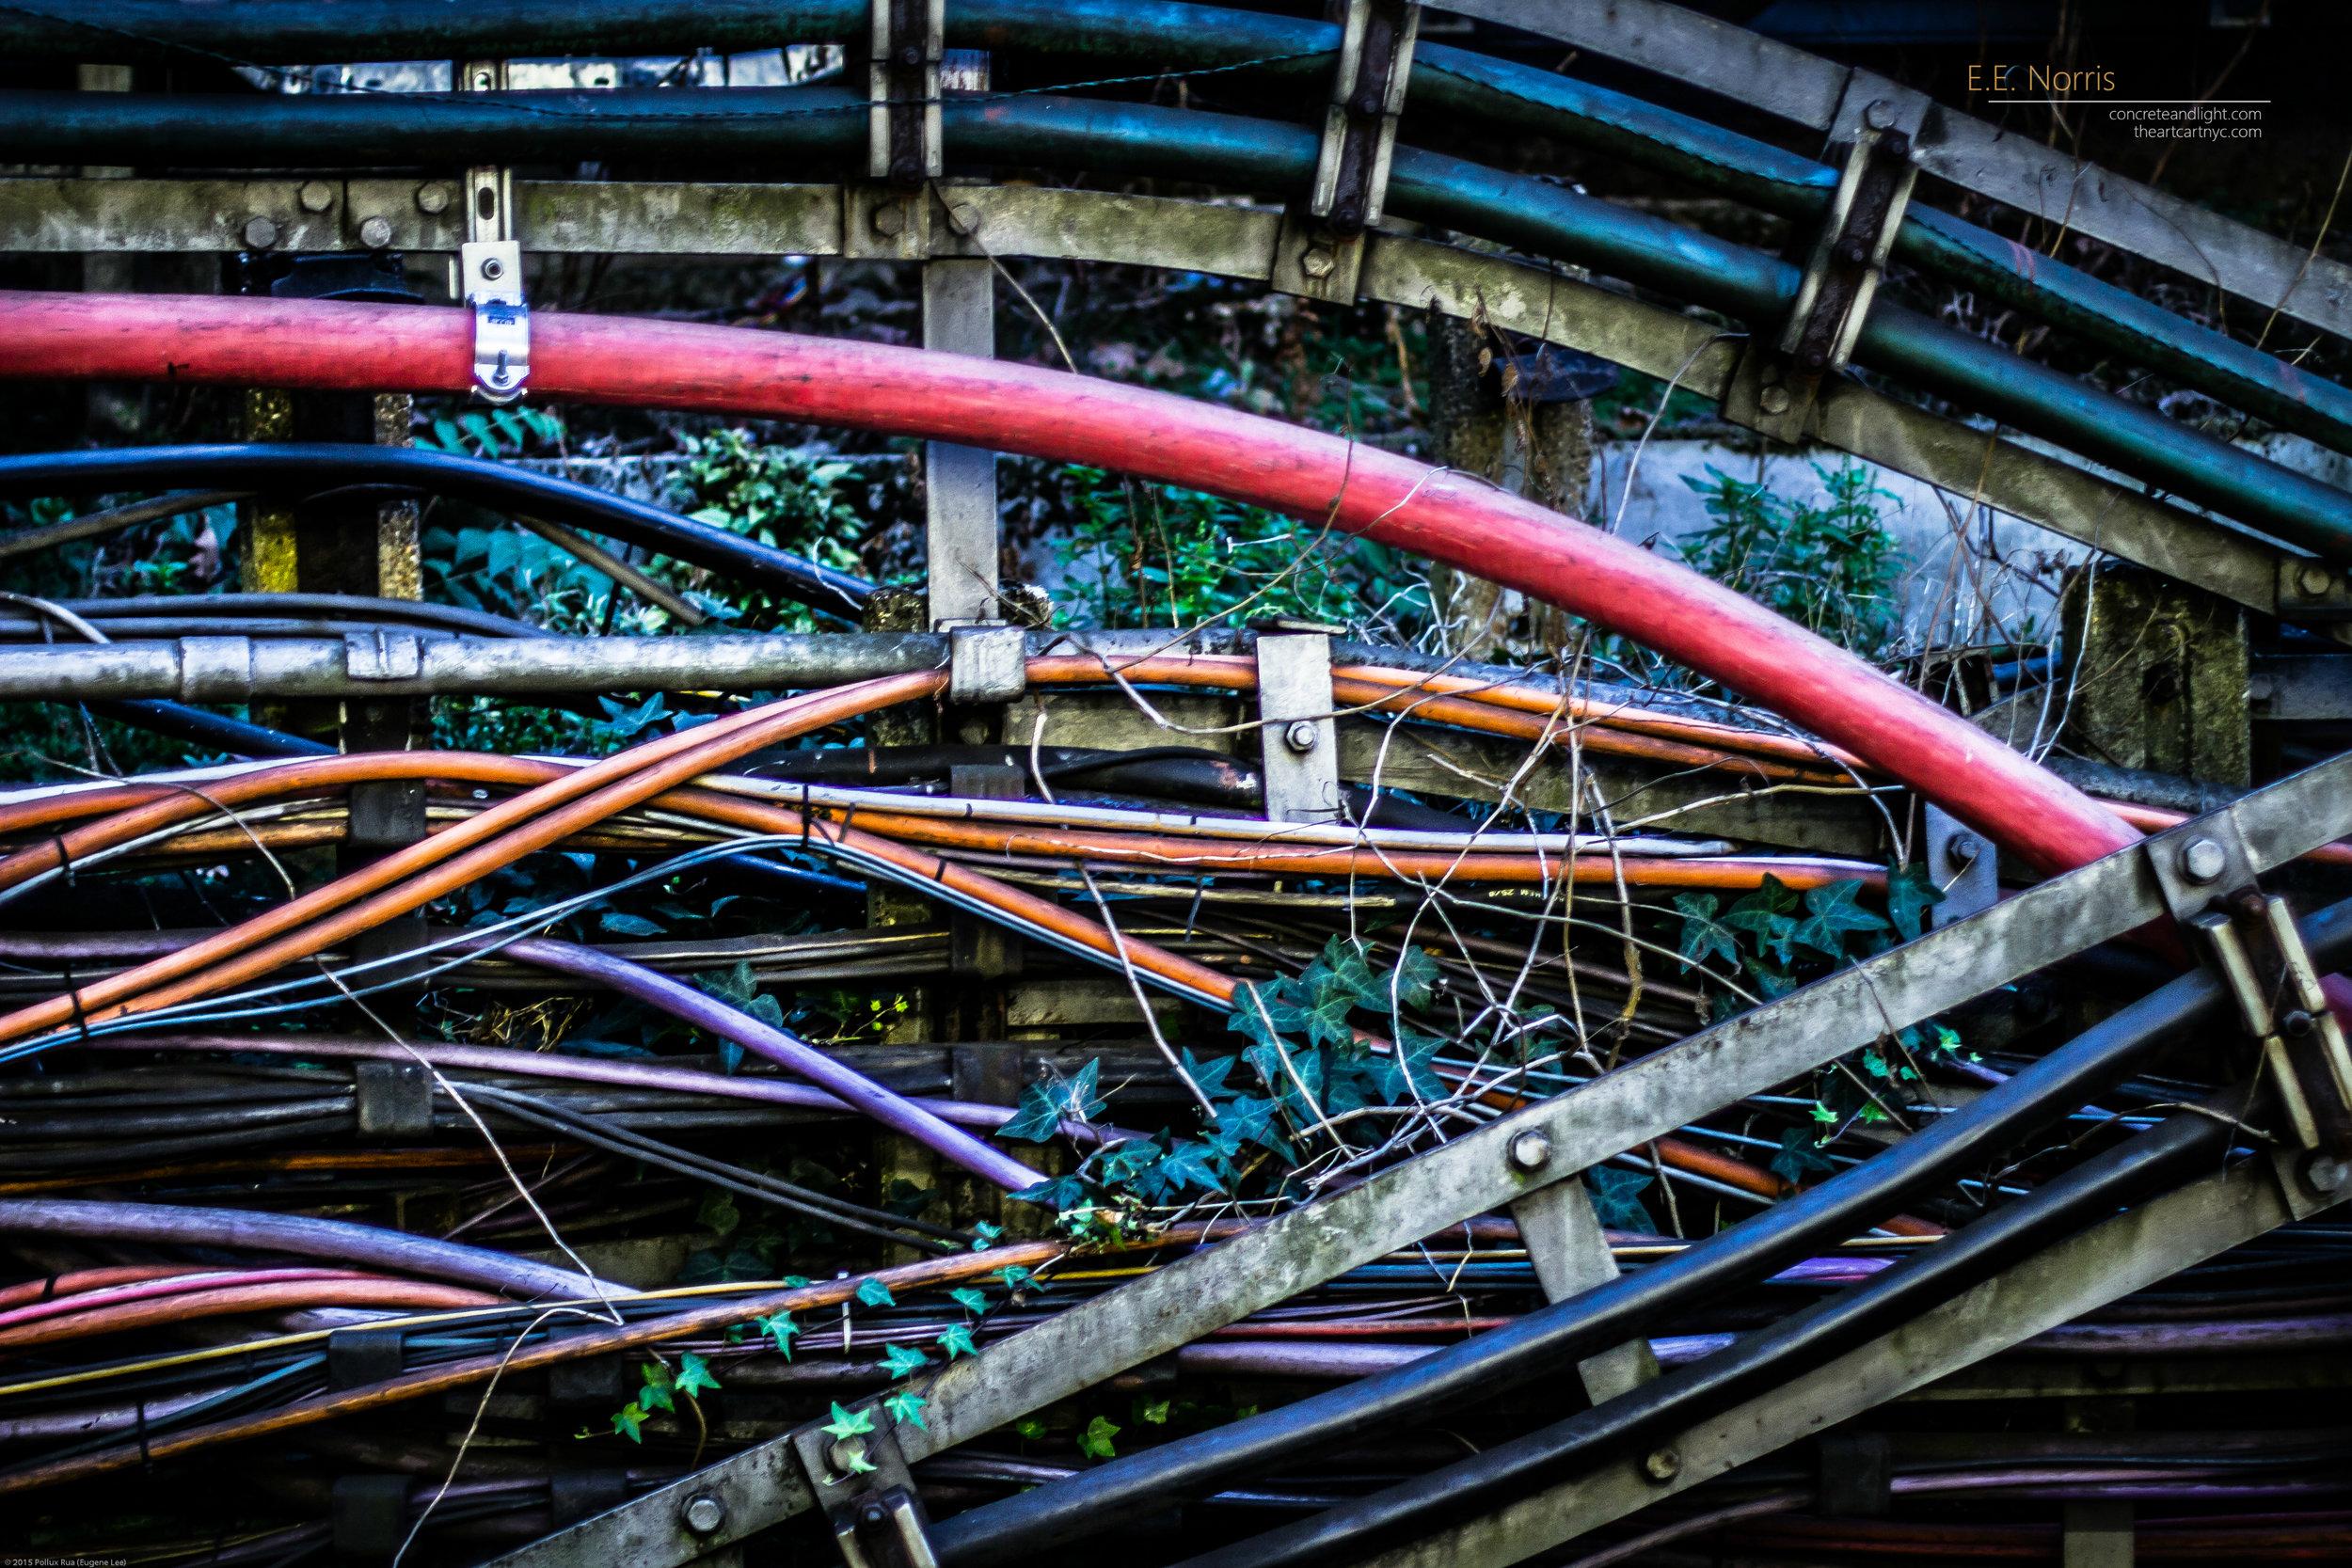 Tube's Tubes